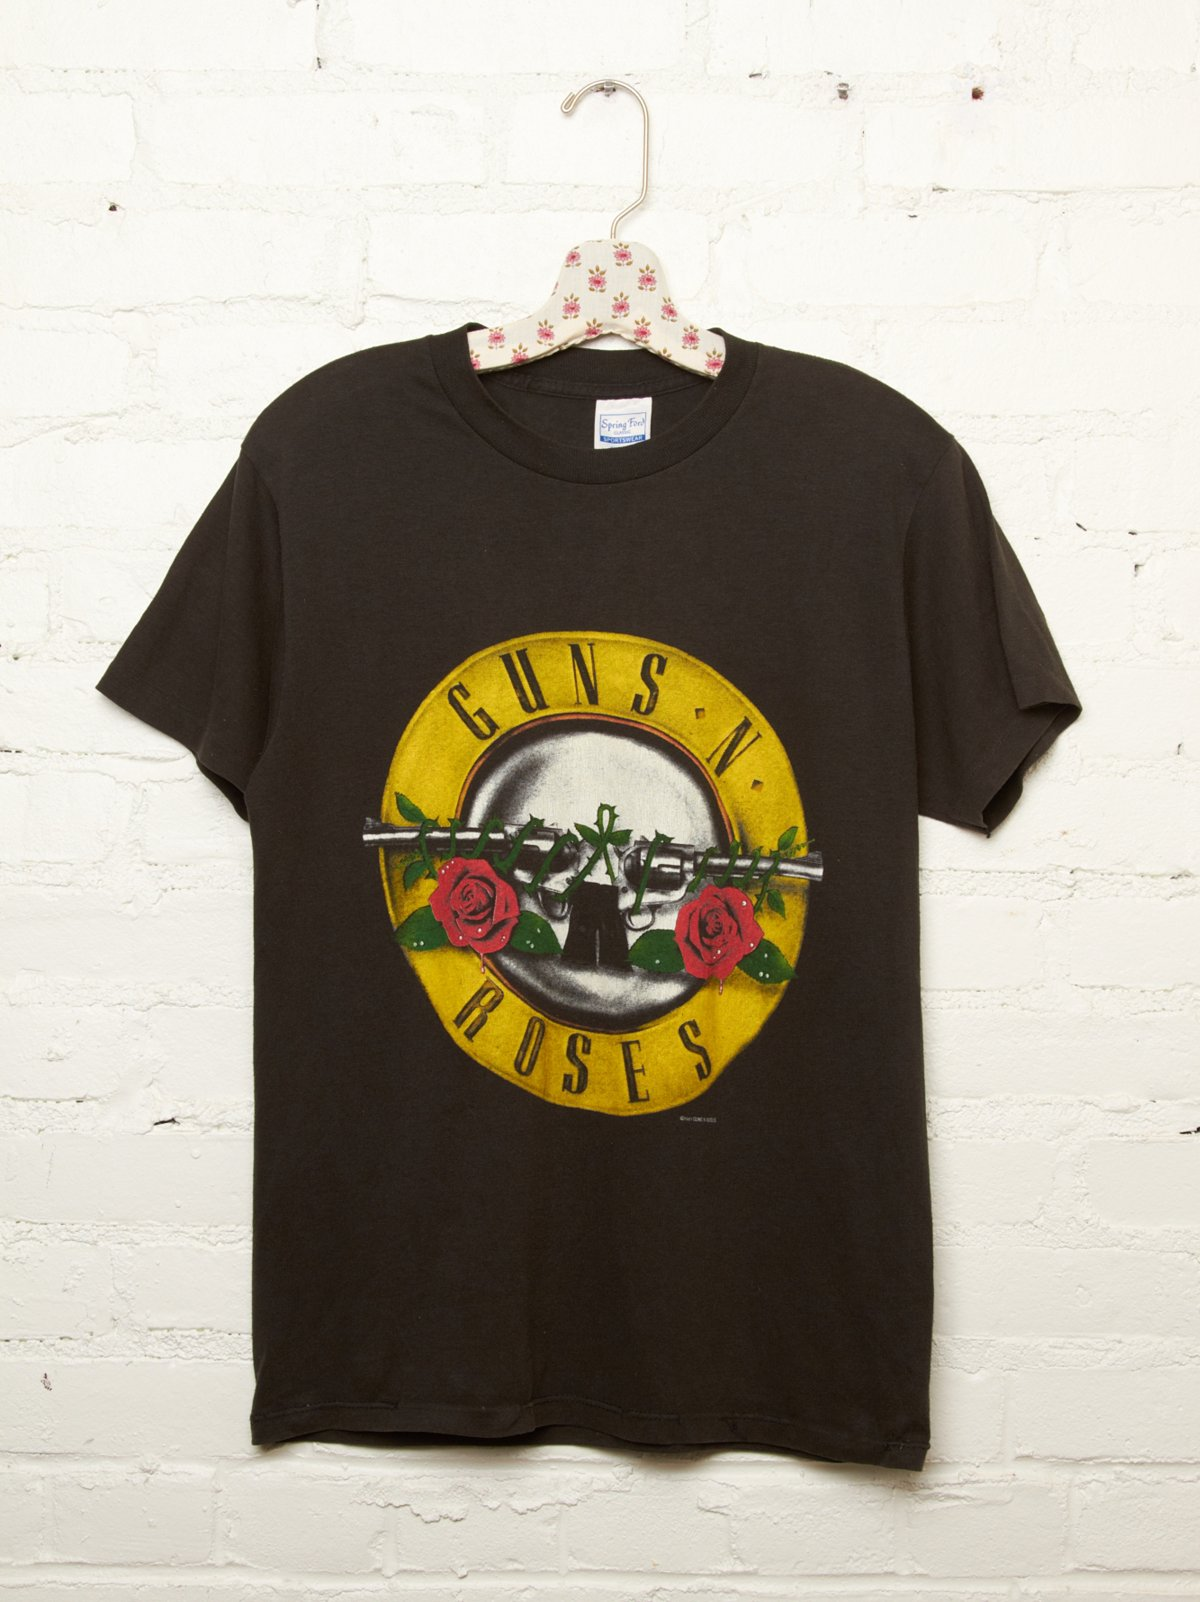 Vintage Guns N' Roses Tee